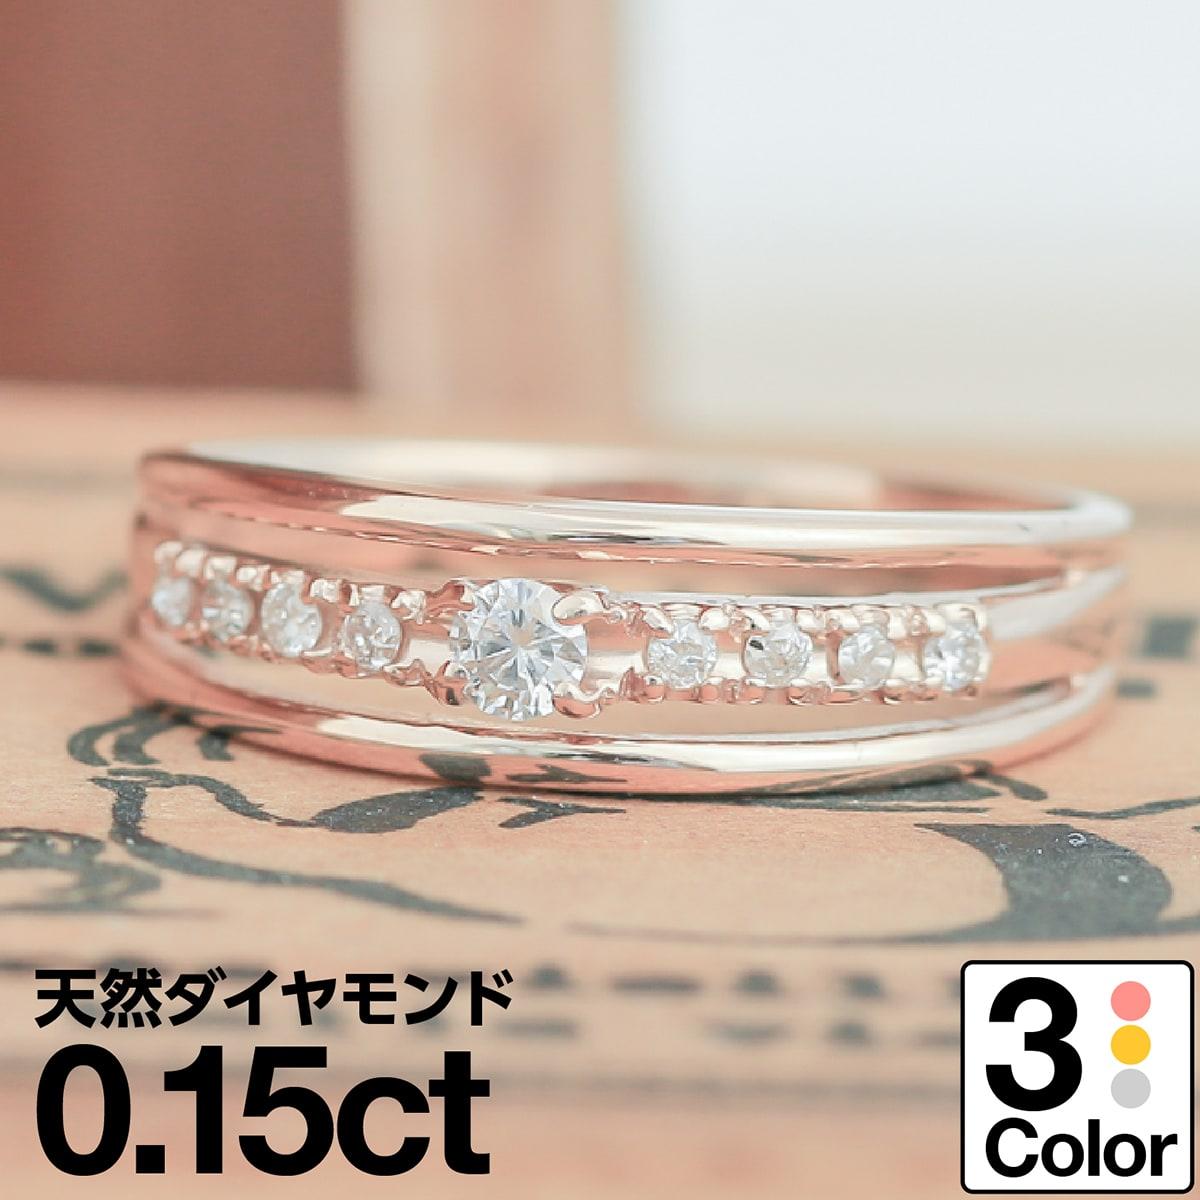 指輪 10金 k10 10k 女性 20代 30代 40代 50代 60代 販売期間 正規品 限定のお得なタイムセール ダイヤモンド リング イエローゴールド ピンクゴールド ファッションリング ダイヤモンドリング ホワイトデー 天然ダイヤ プレゼント ギフト 品質保証書 ホワイトゴールド 金属アレルギー 日本製 smtb-s